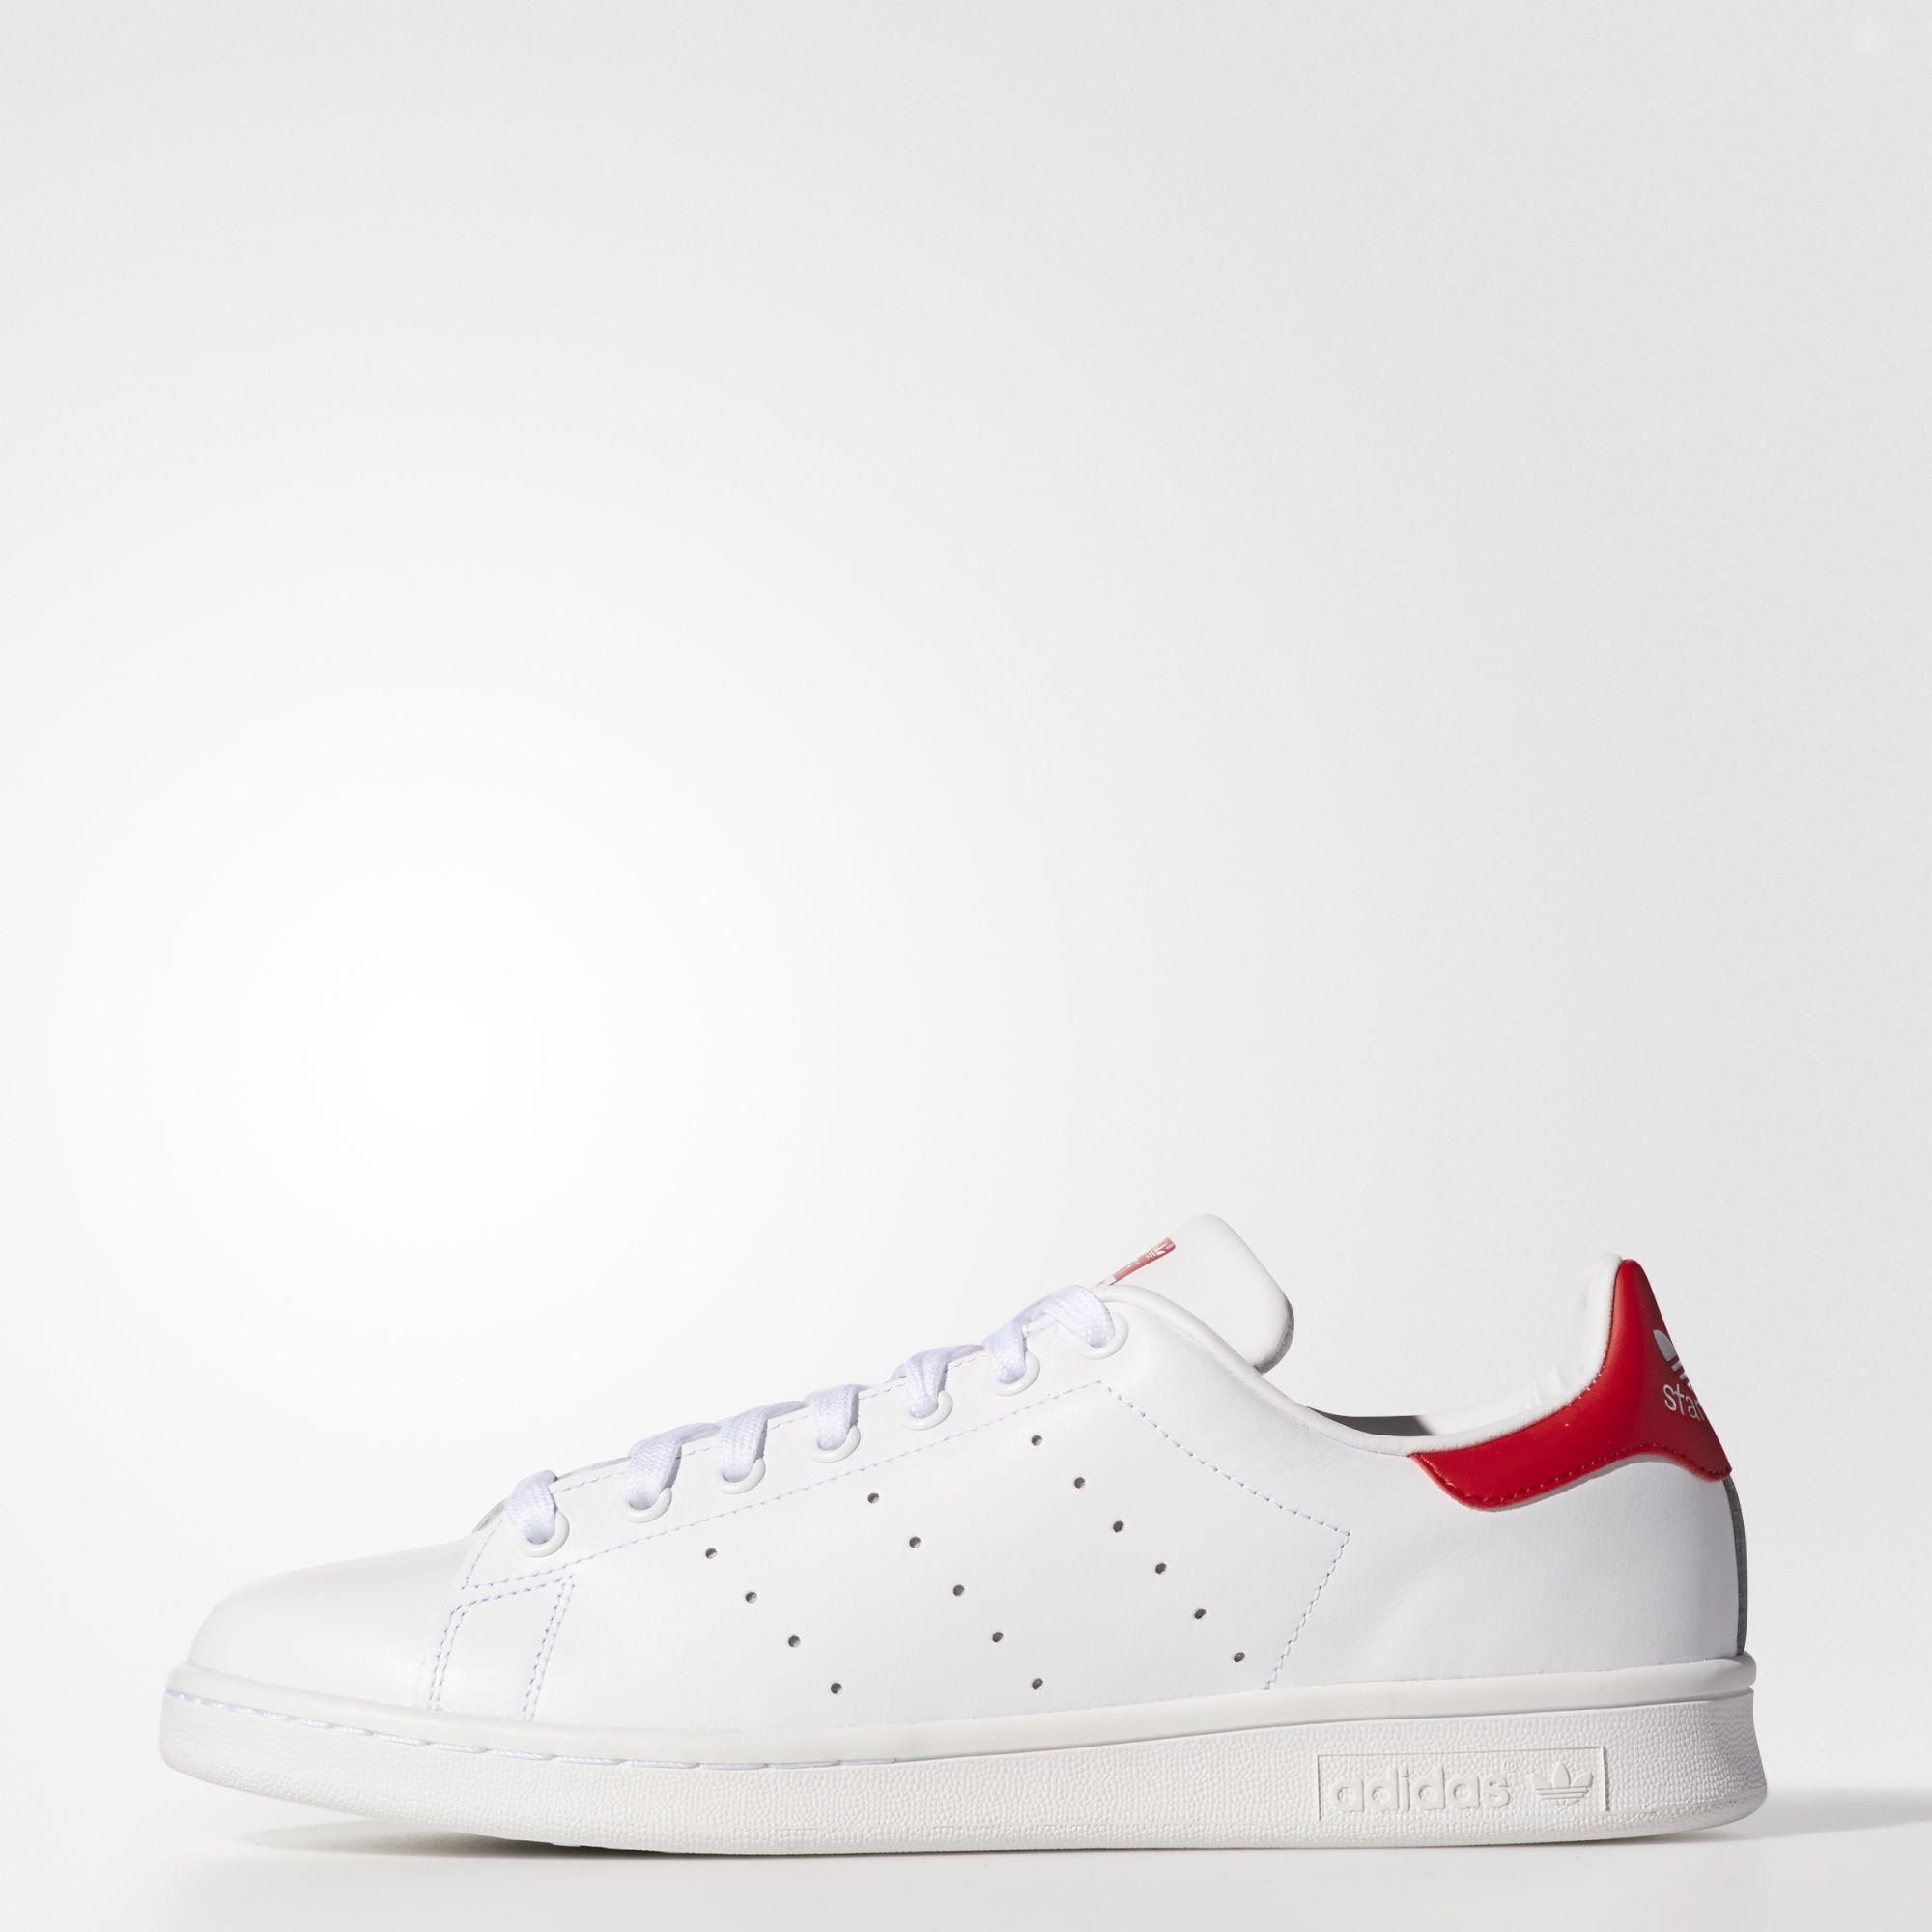 8c50b474a7 Sneakers M20326 Zapatillas Adidas Stan Smith Blanco y Rojo Hombre